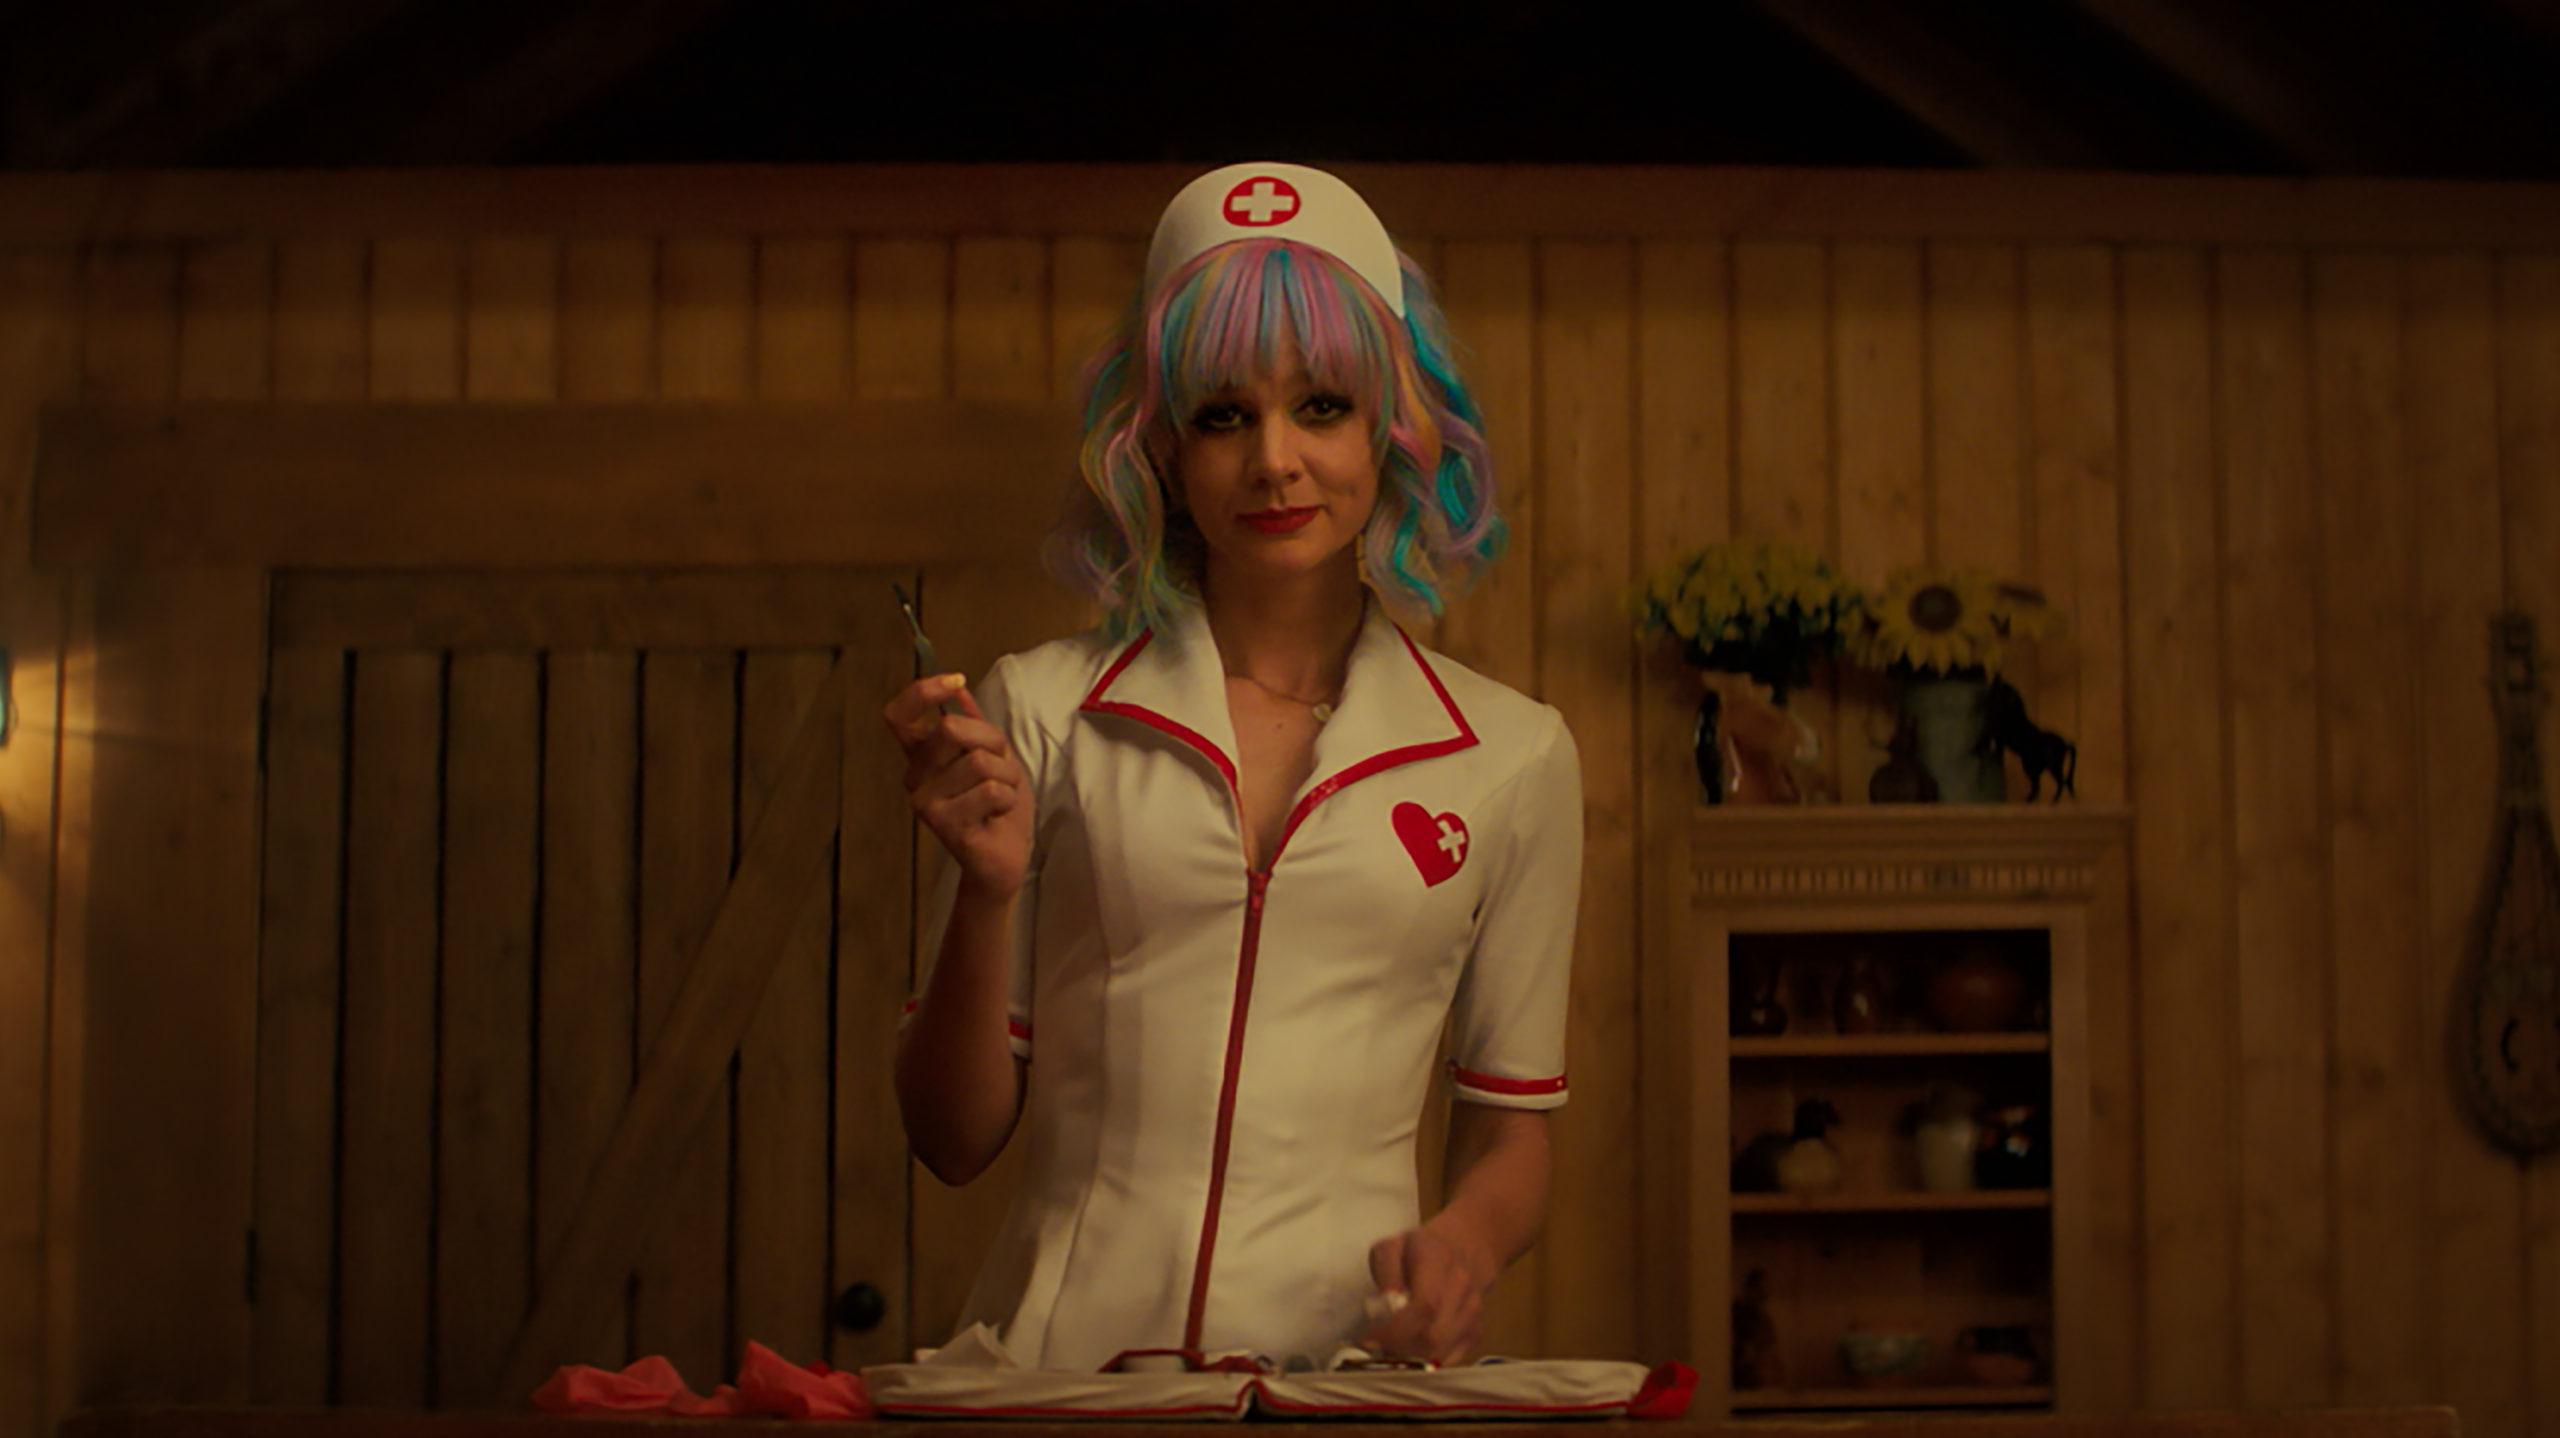 Imagem do filme 'Bela Vingança'. Ao centro da imagem, está a atriz Carey Mullingan enquanto a personagem Cassie. Ela tem a pela branca e está vestindo uma fantasia de enfermeira e está de frente para a câmera, fotografada da cintura para cima. Ela usa uma peruca de mechas colorida em tons pastéis, num comprimento curto, ondulado e uma franjinha. A personagem segura um bisturi em sua mão direita e sorri levemente para a câmera. Ela está usando uma maquiagem preta forte nos olhos e um batom vermelho. A parsonagem está num quadro de parede de madeira, visíveis ao fundo da imagem.